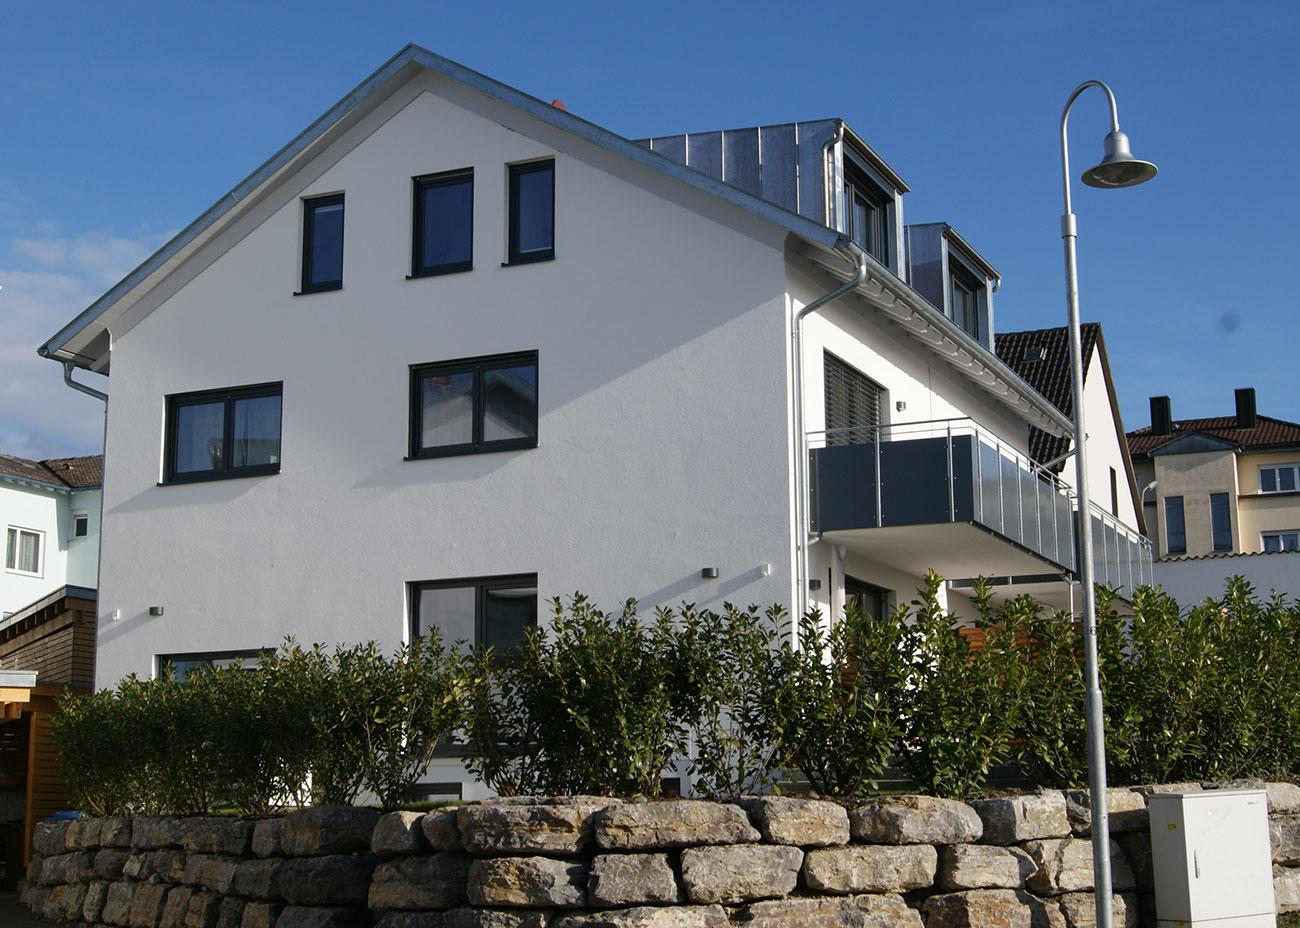 Neubau 6 Doppelhaushälften Zimmererweg 11/13 + 15/17 + 19/21, Konstanz